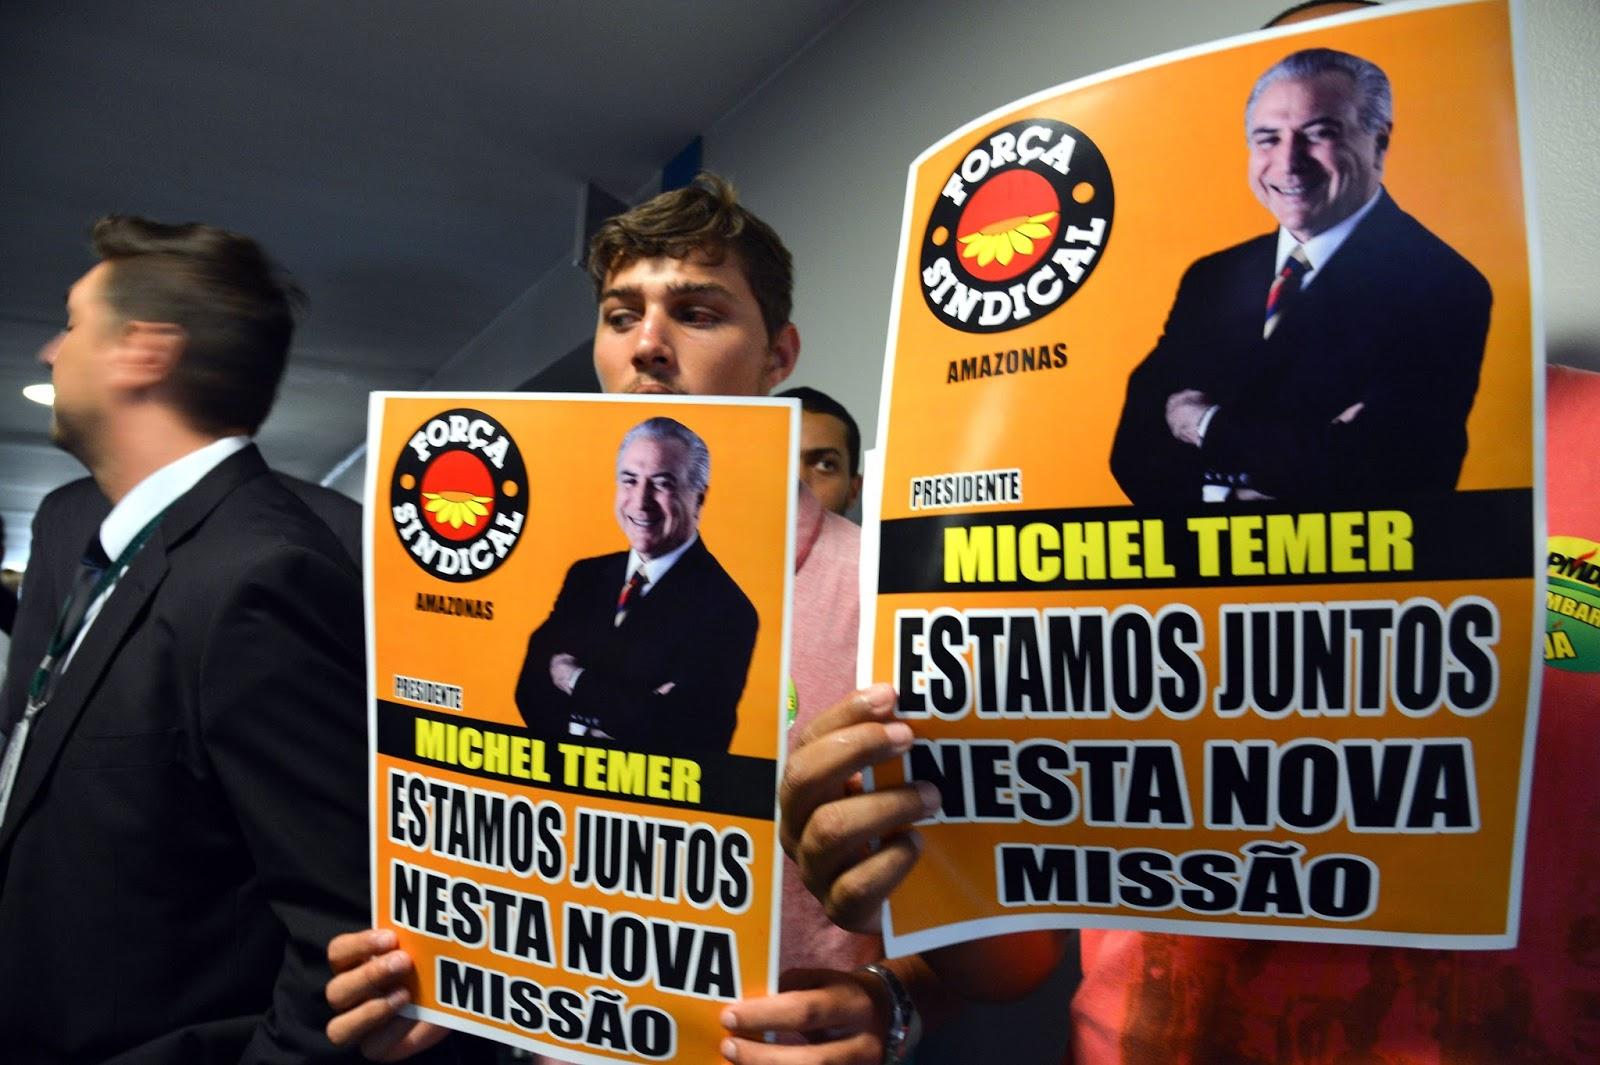 PMDB deixa a base do governo Dilma